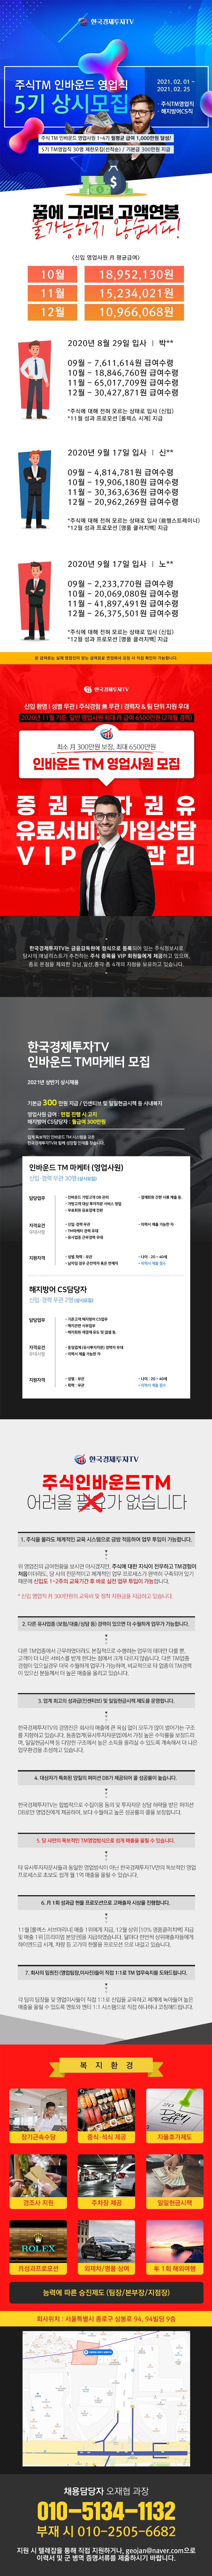 텔레잡_구인포스터0201(s).png